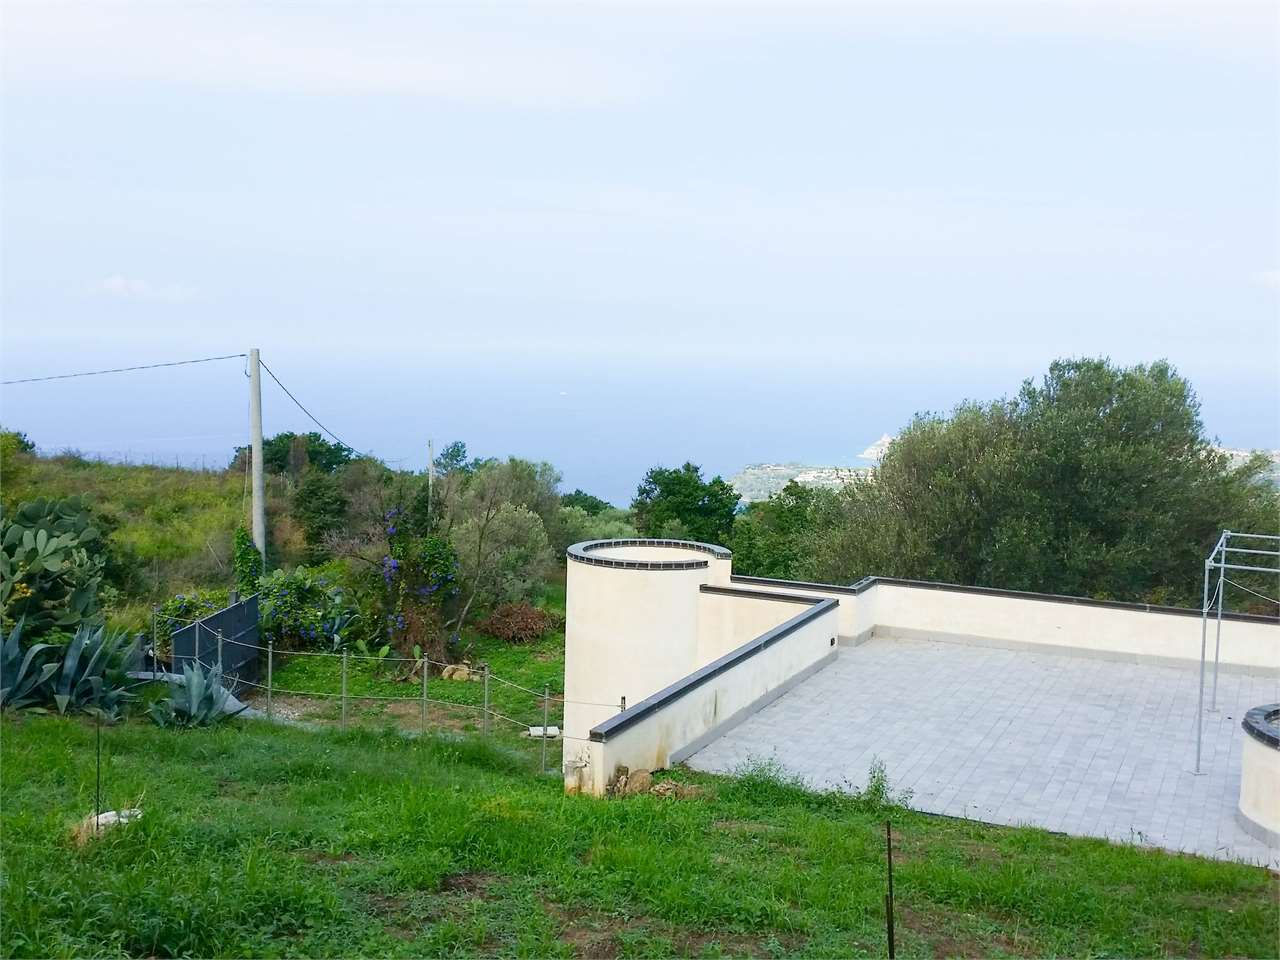 Villa in vendita a Joppolo, 4 locali, zona Zona: Coccorino, prezzo € 310.000 | CambioCasa.it